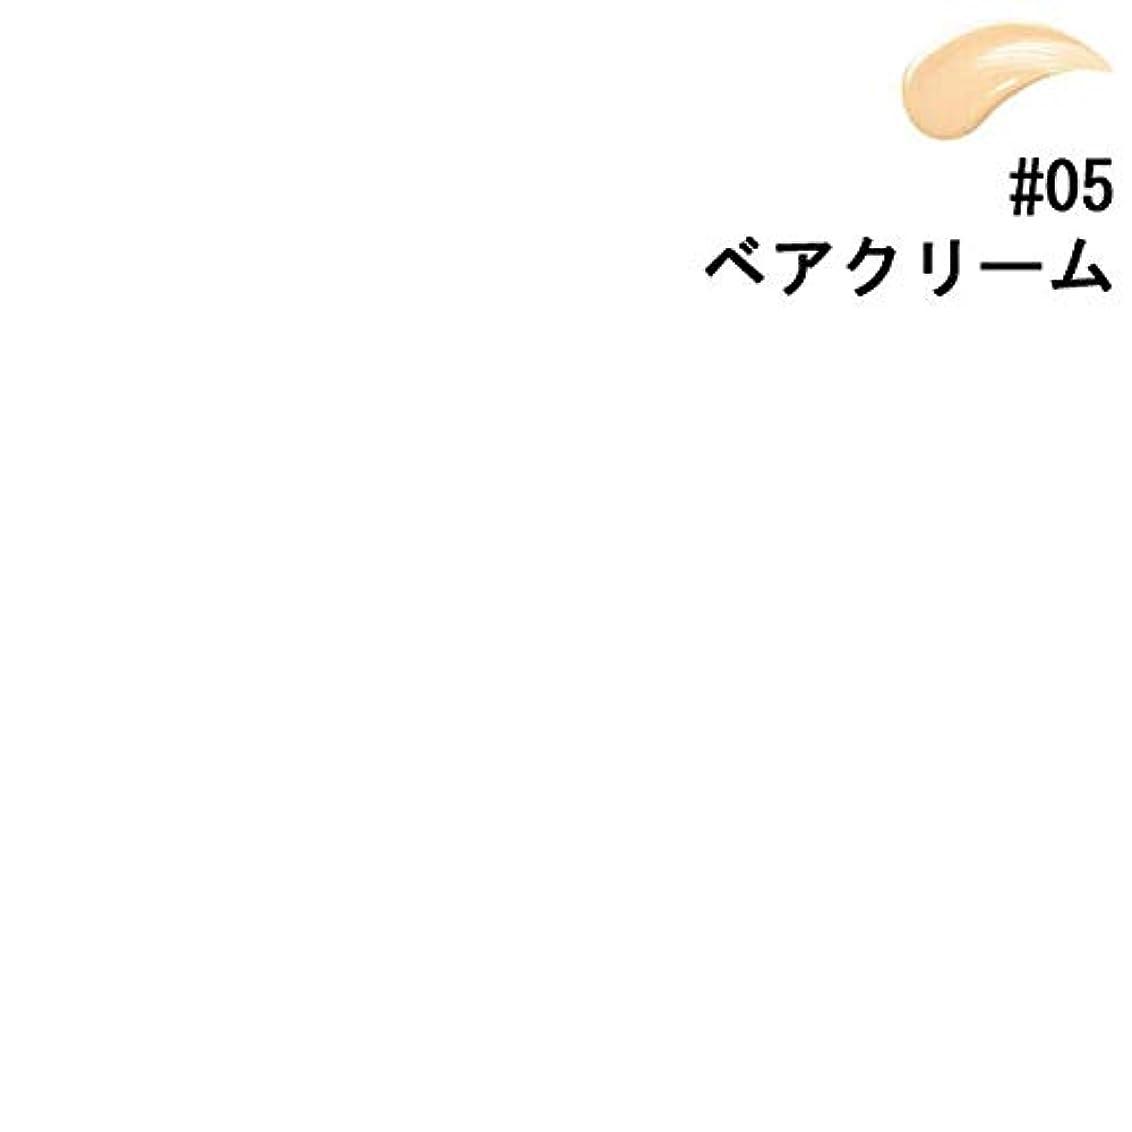 常習者水族館宇宙船【ベアミネラル】ベアミネラル ベア ファンデーション #05 ベアクリーム 30ml [並行輸入品]